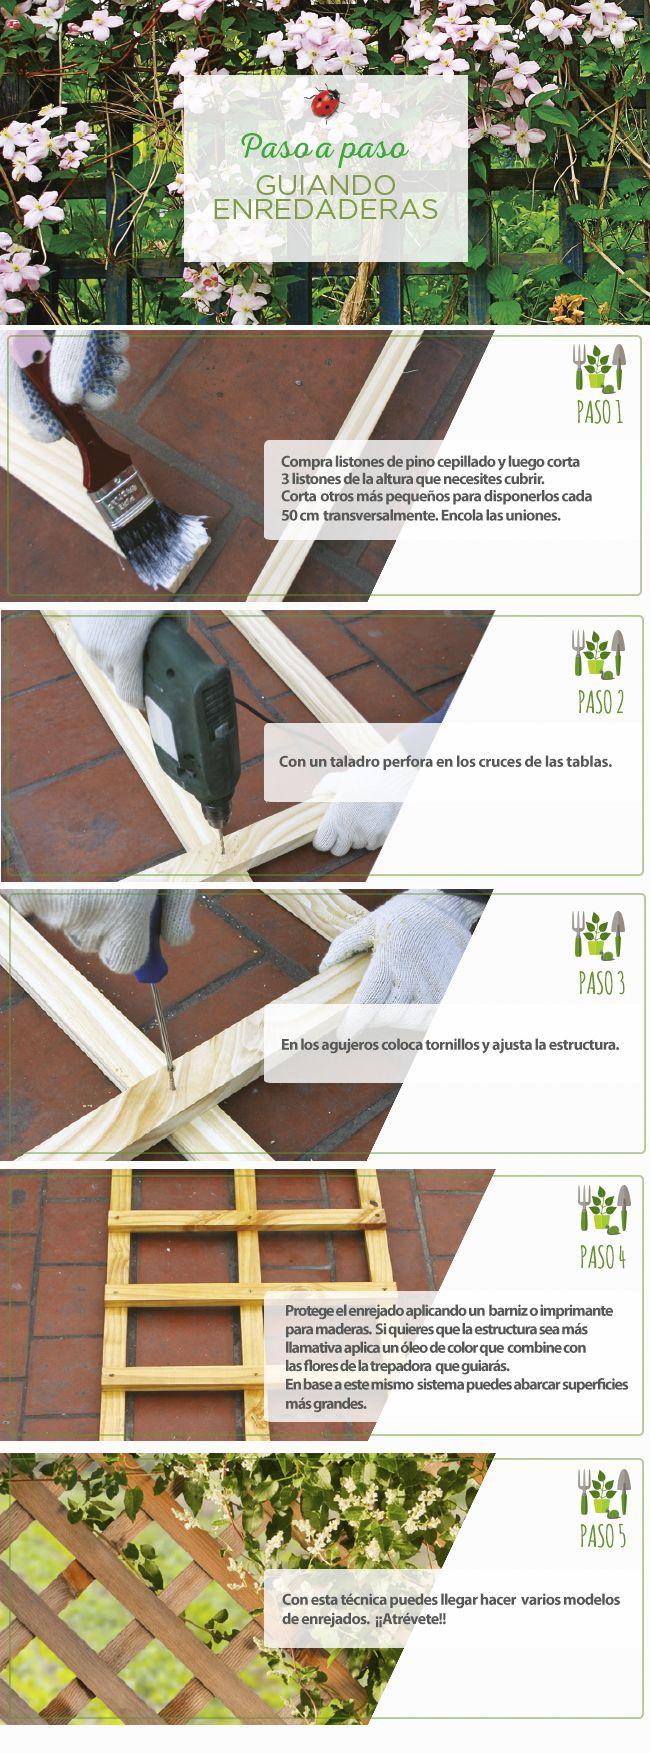 #Enredaderas #Jardinería #PasoApaso #Easy